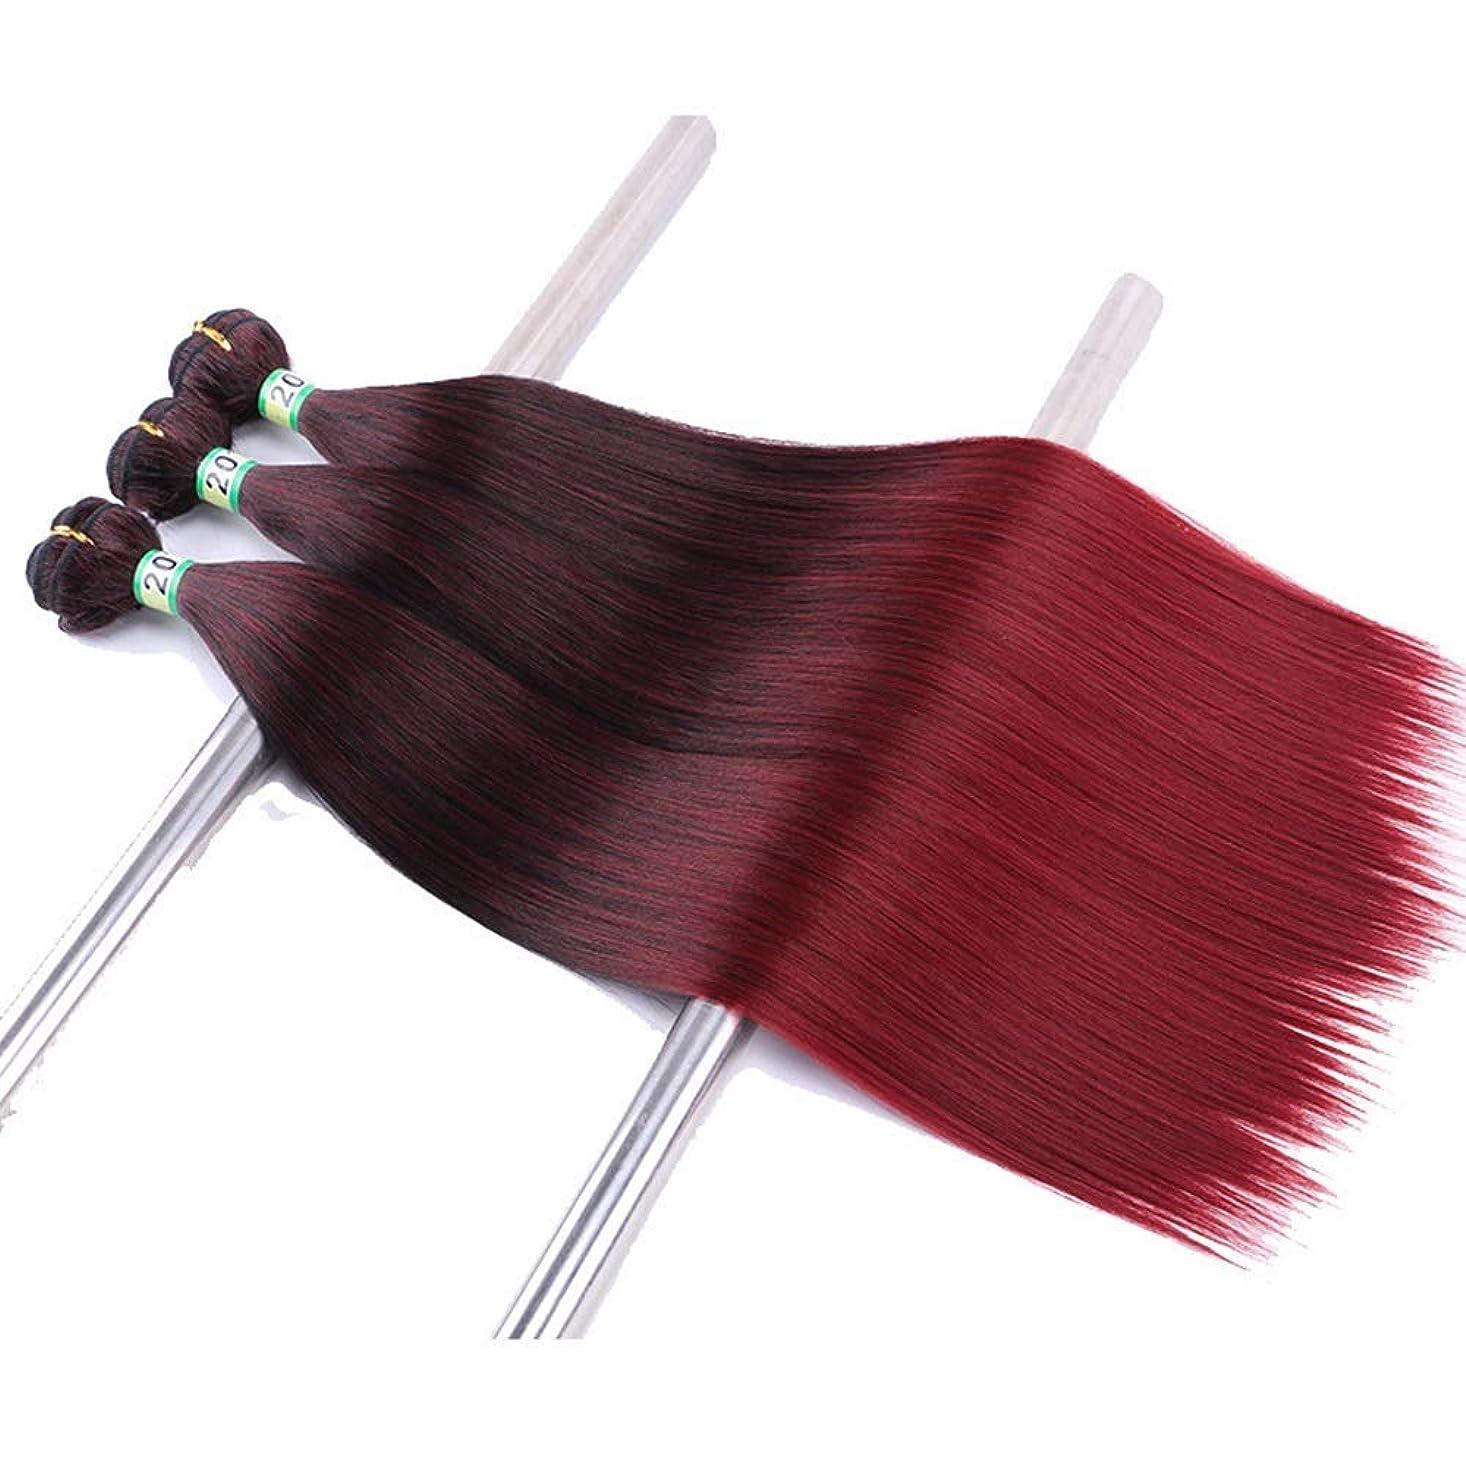 情熱的レオナルドダ自治的HOHYLLYA ブラジルのストレートヘアエクステンションミックスカラーグラデーション3バンドル黒ワインレッド織りナチュラル探している合成髪レースかつらロールプレイングウィッグロングとショート女性自然 (色 : ワインレッド, サイズ : 22inch)